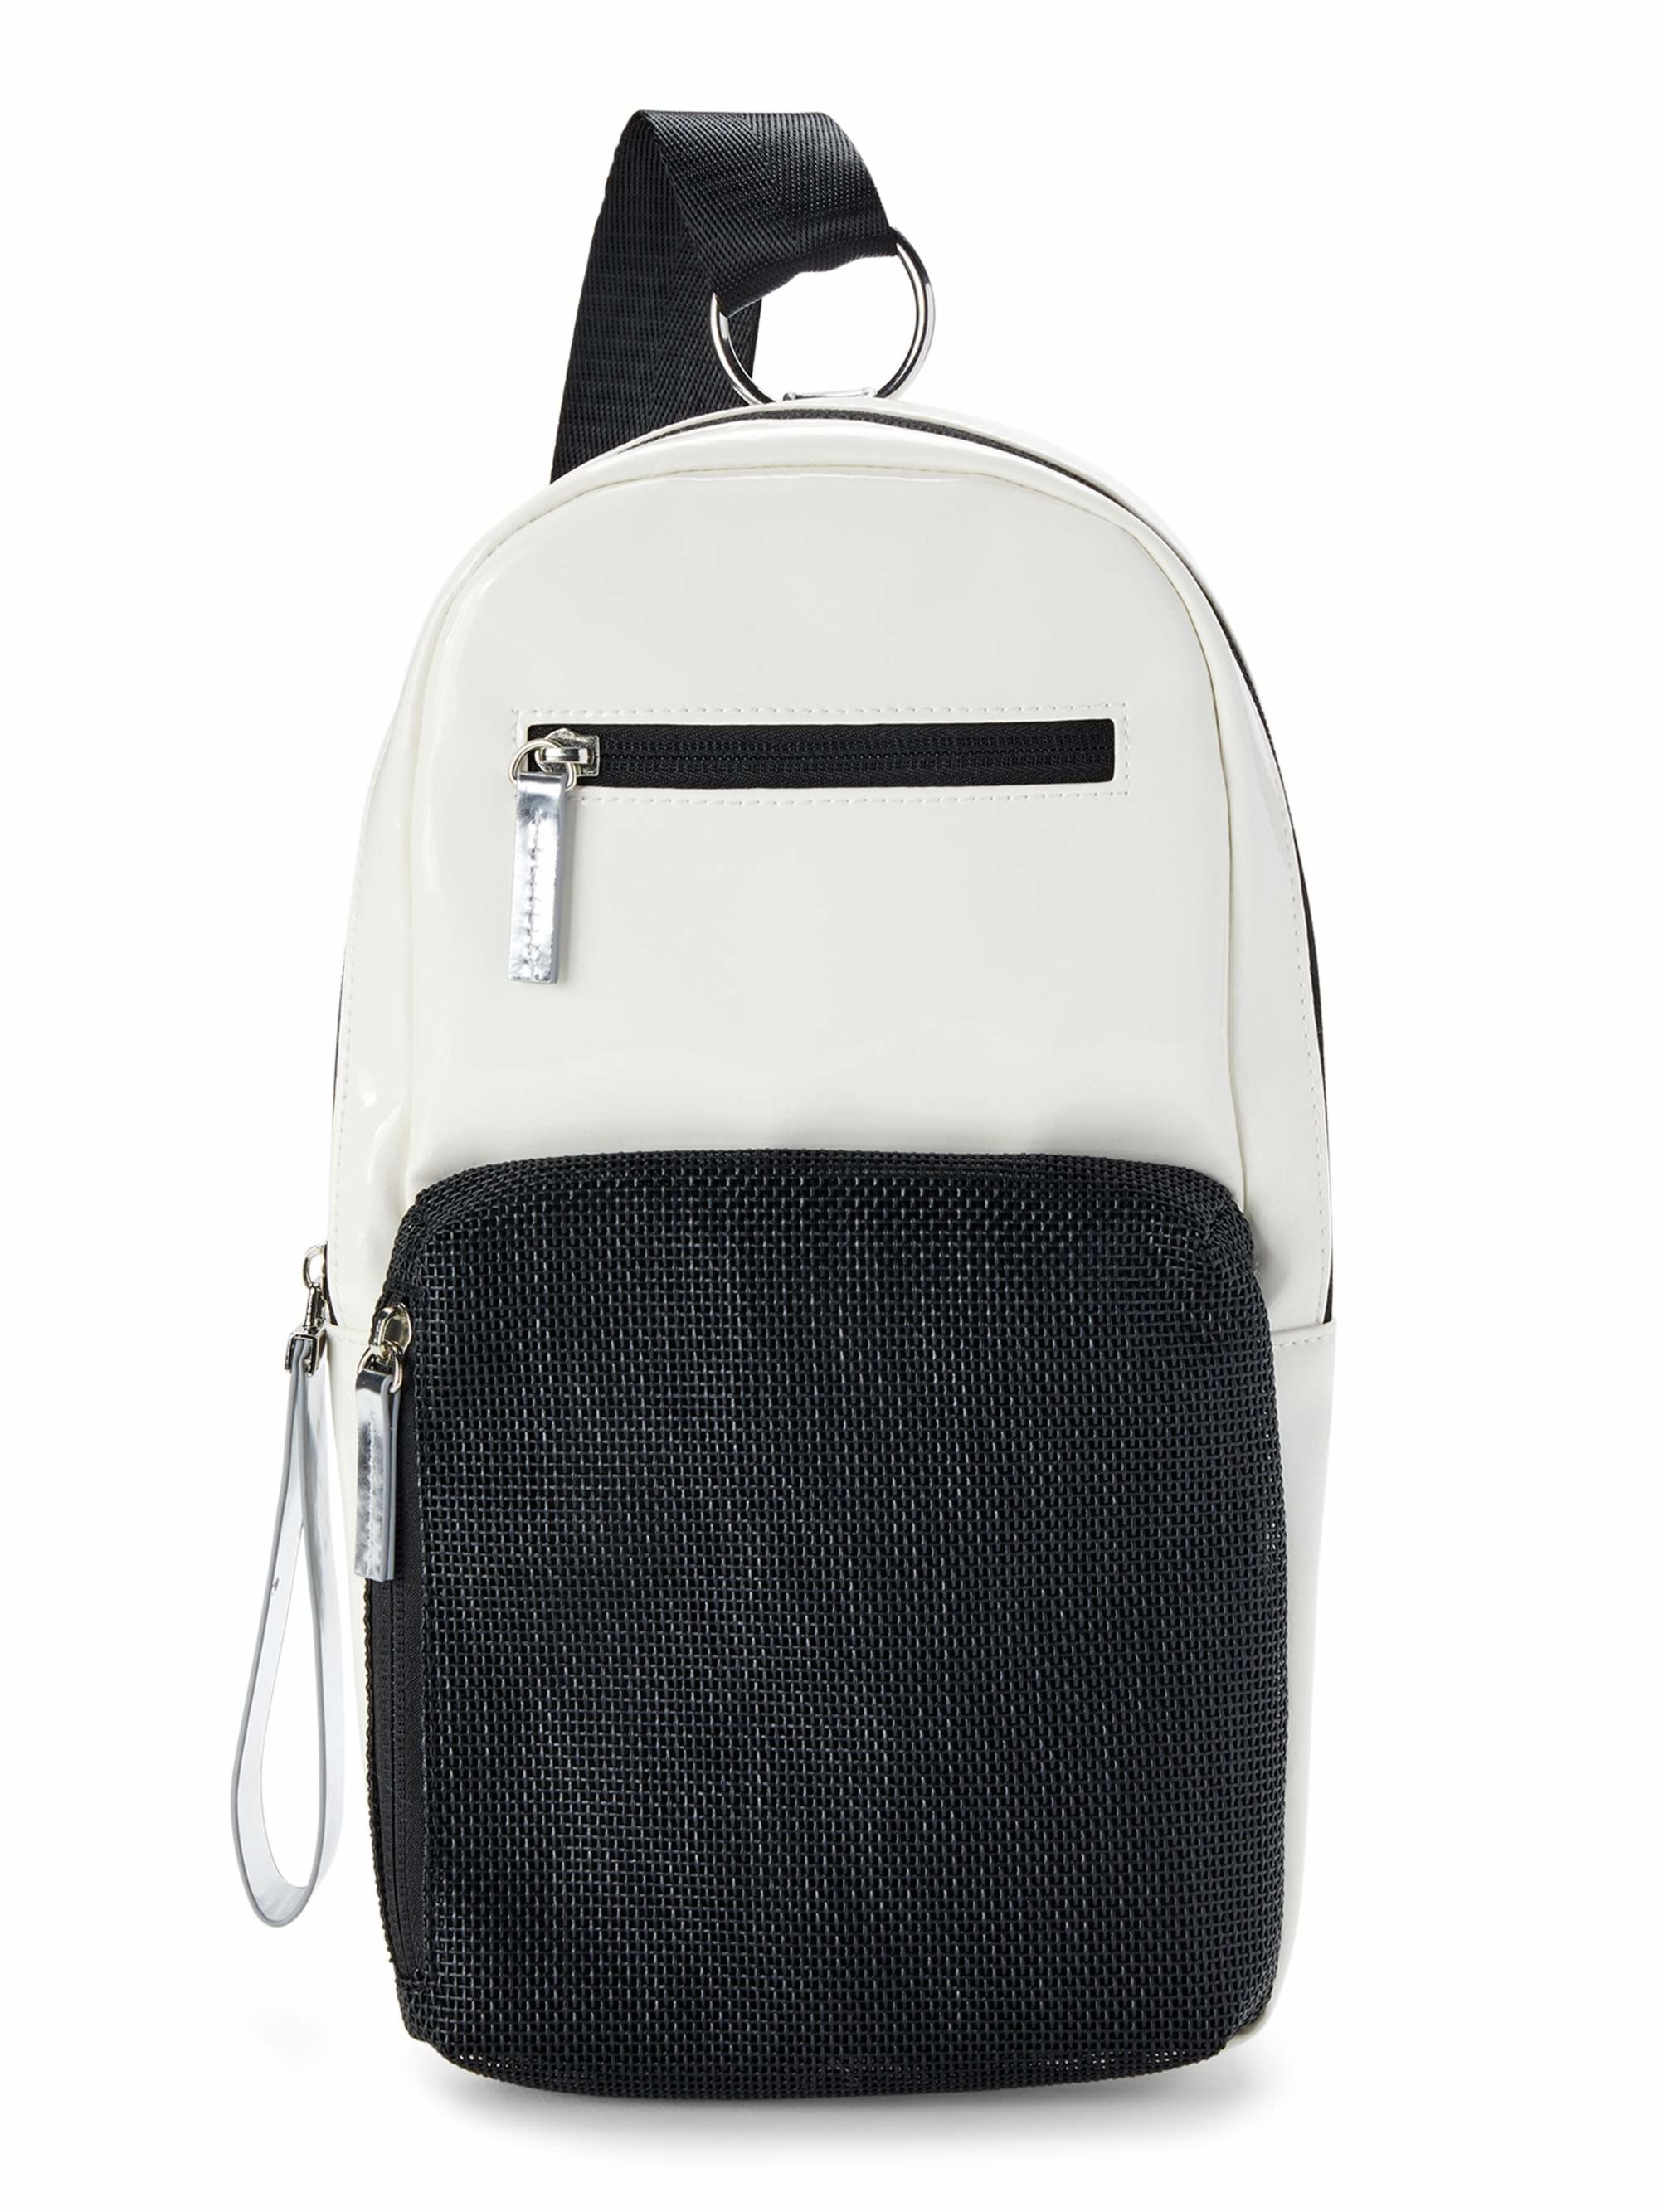 The white/black bag